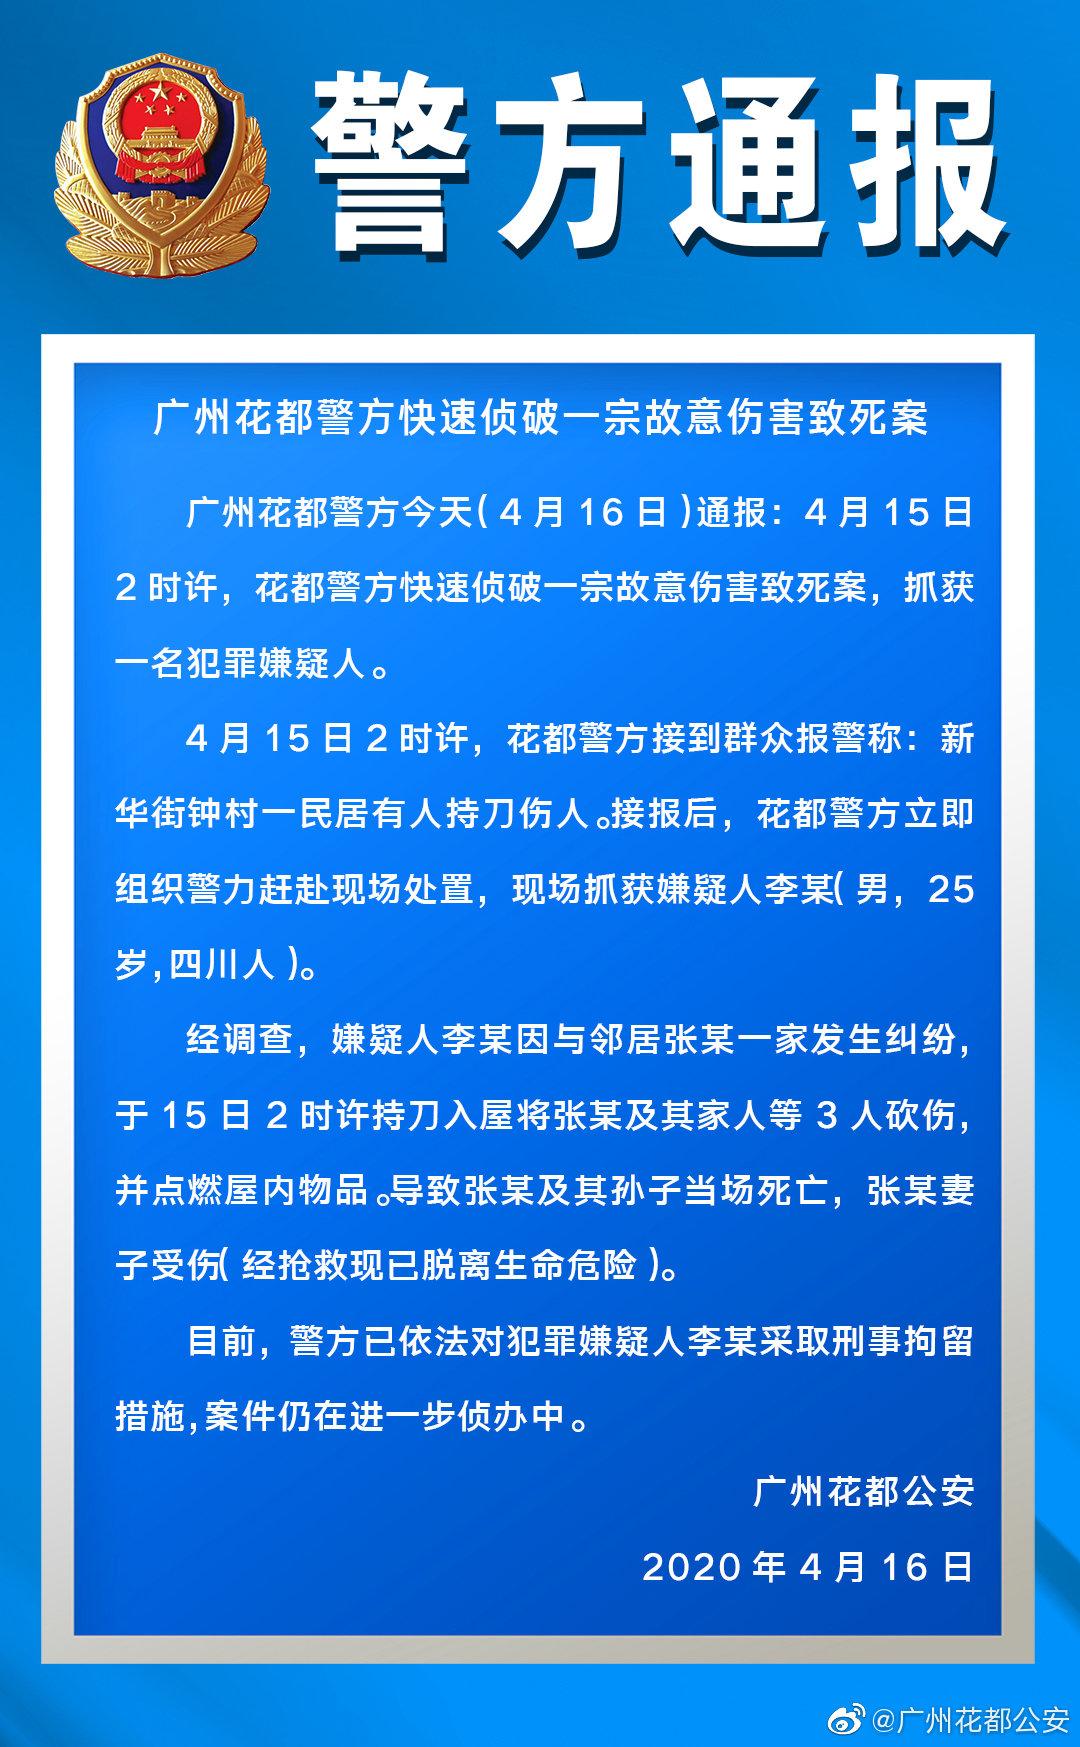 """广州花都公安发布该事件的警情通报  @""""广州花都公安""""微博 图"""